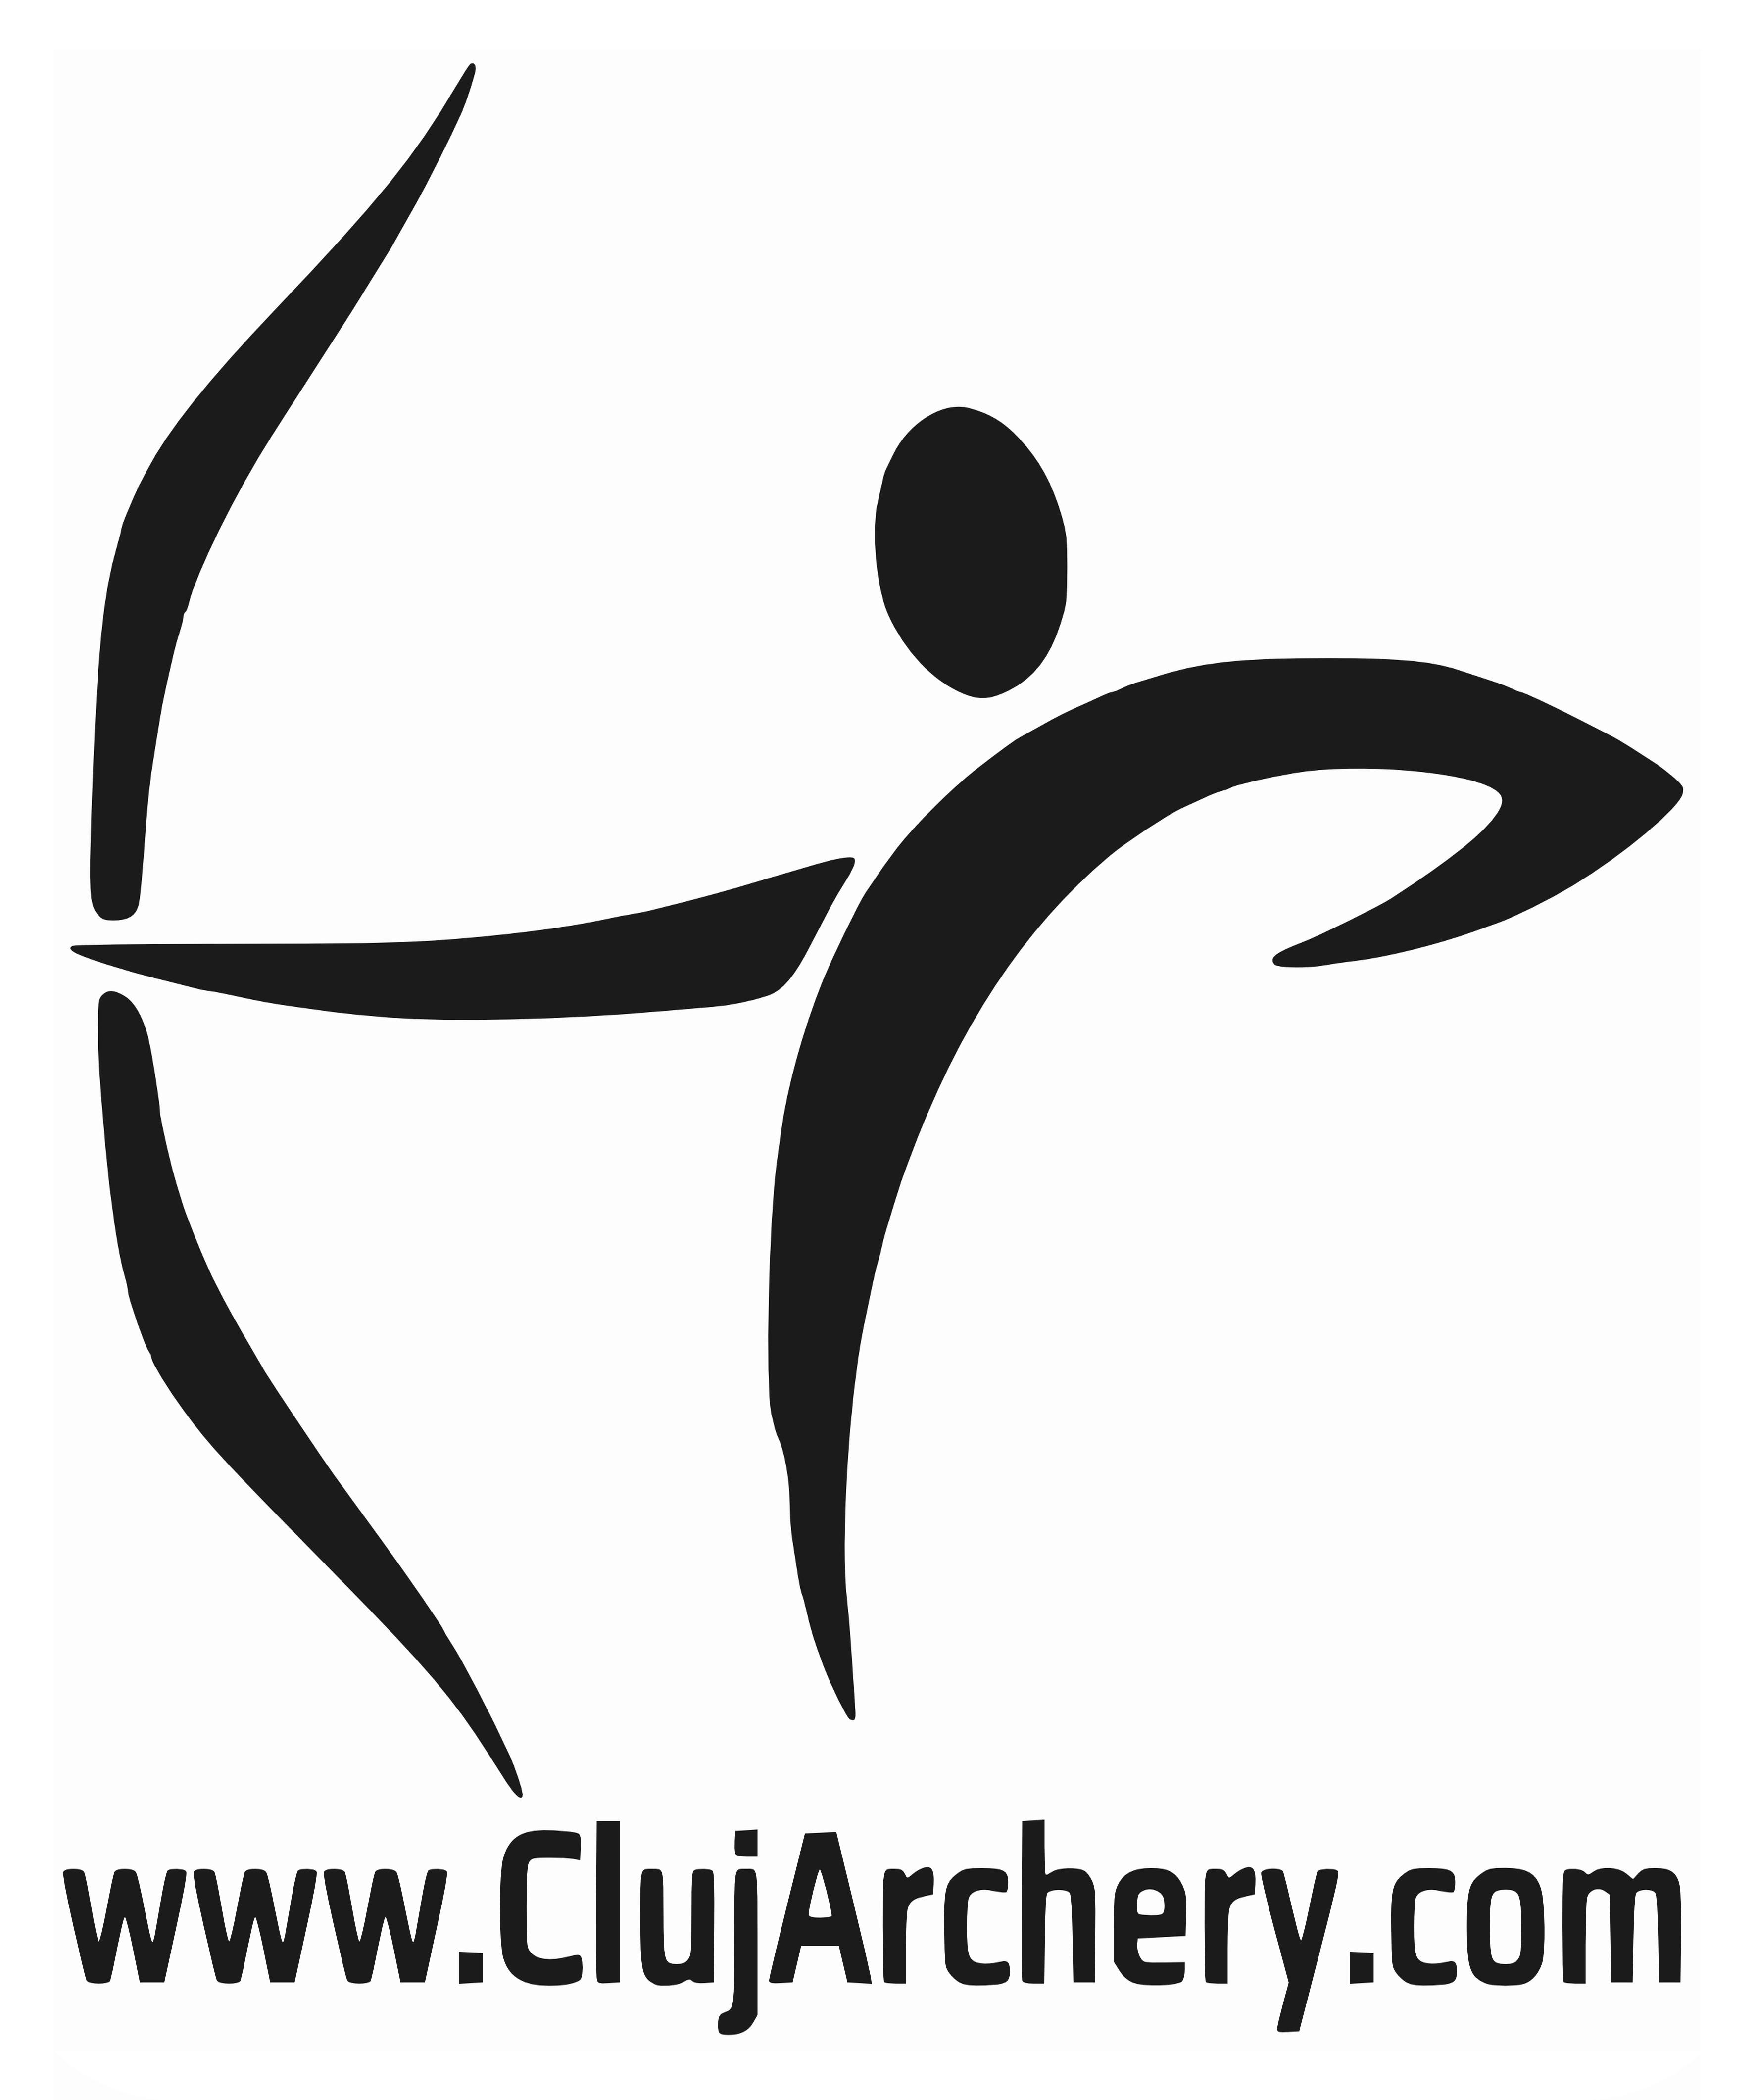 CLUBUL SPORTIV DE TIR CU ARCUL FLORESTI logo